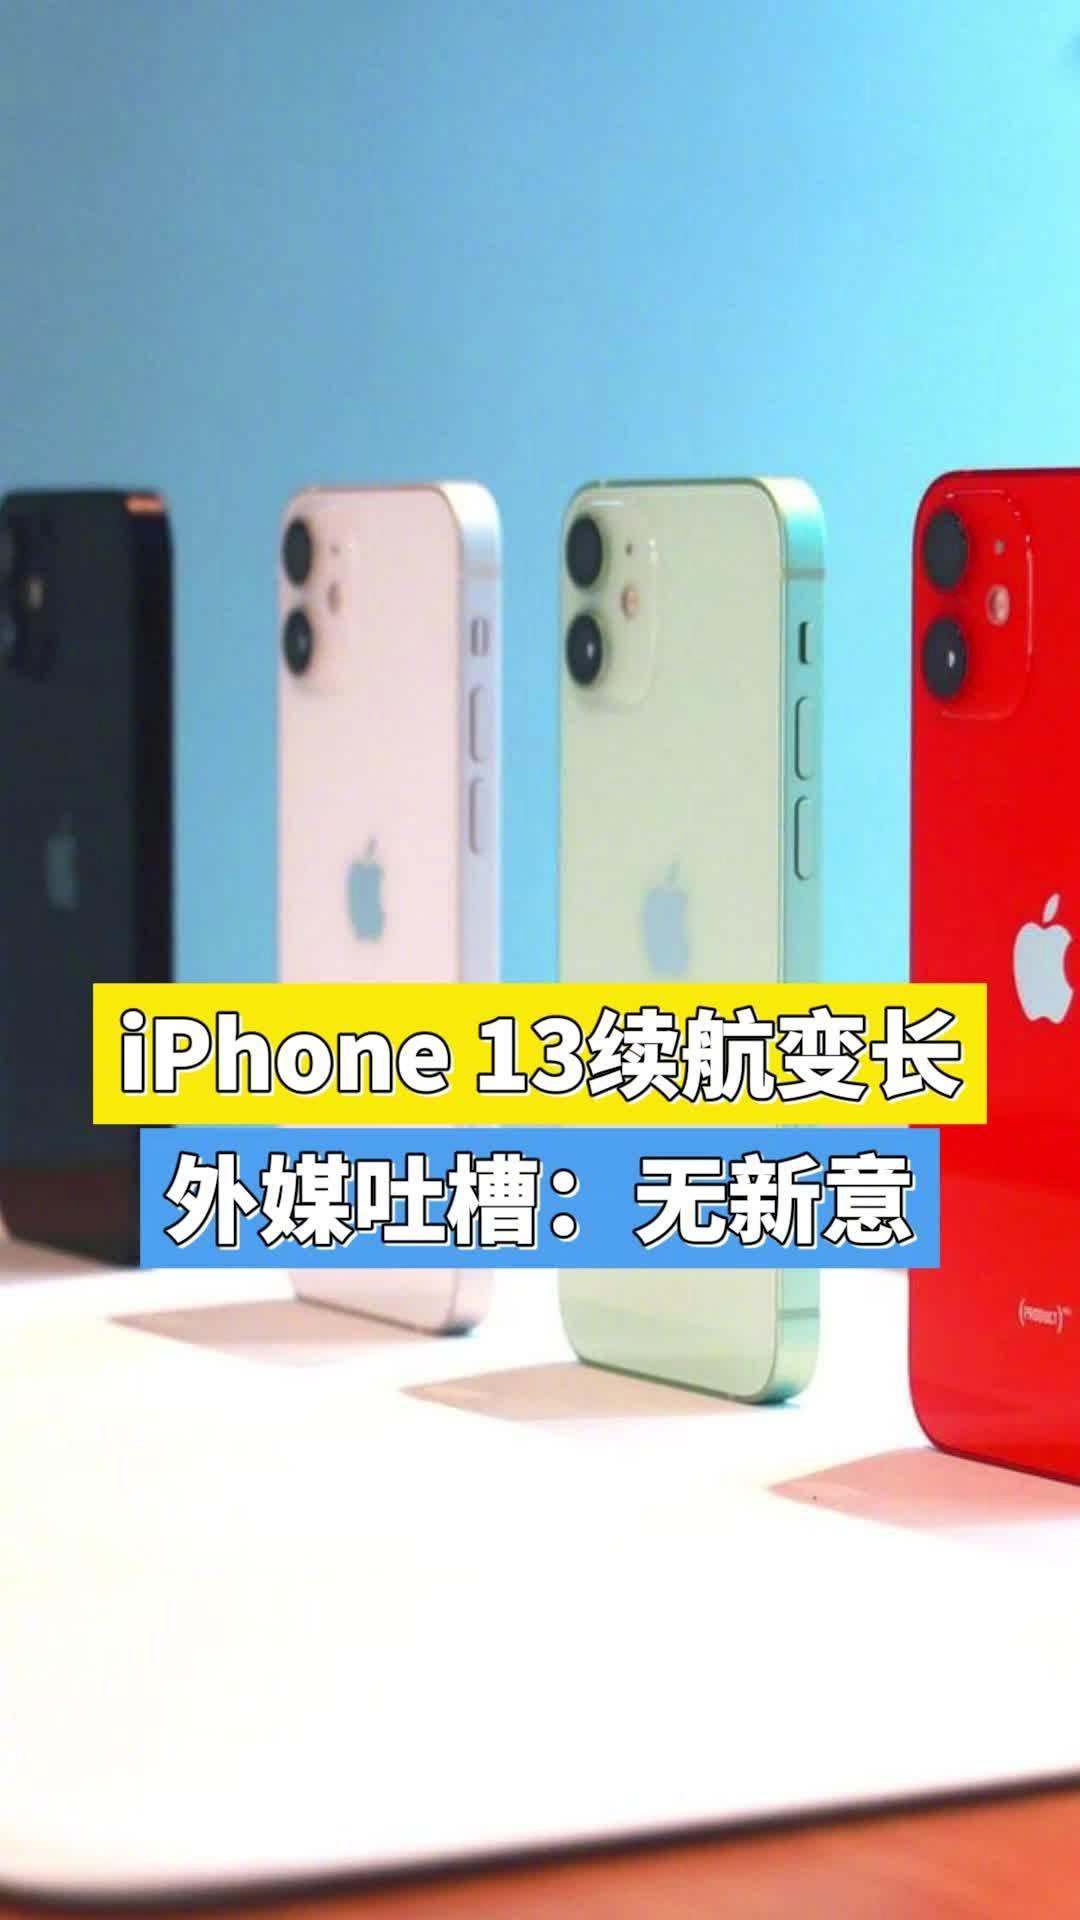 官网表明iPhone 13与iPhone 13 Pro支持双eSIM功能